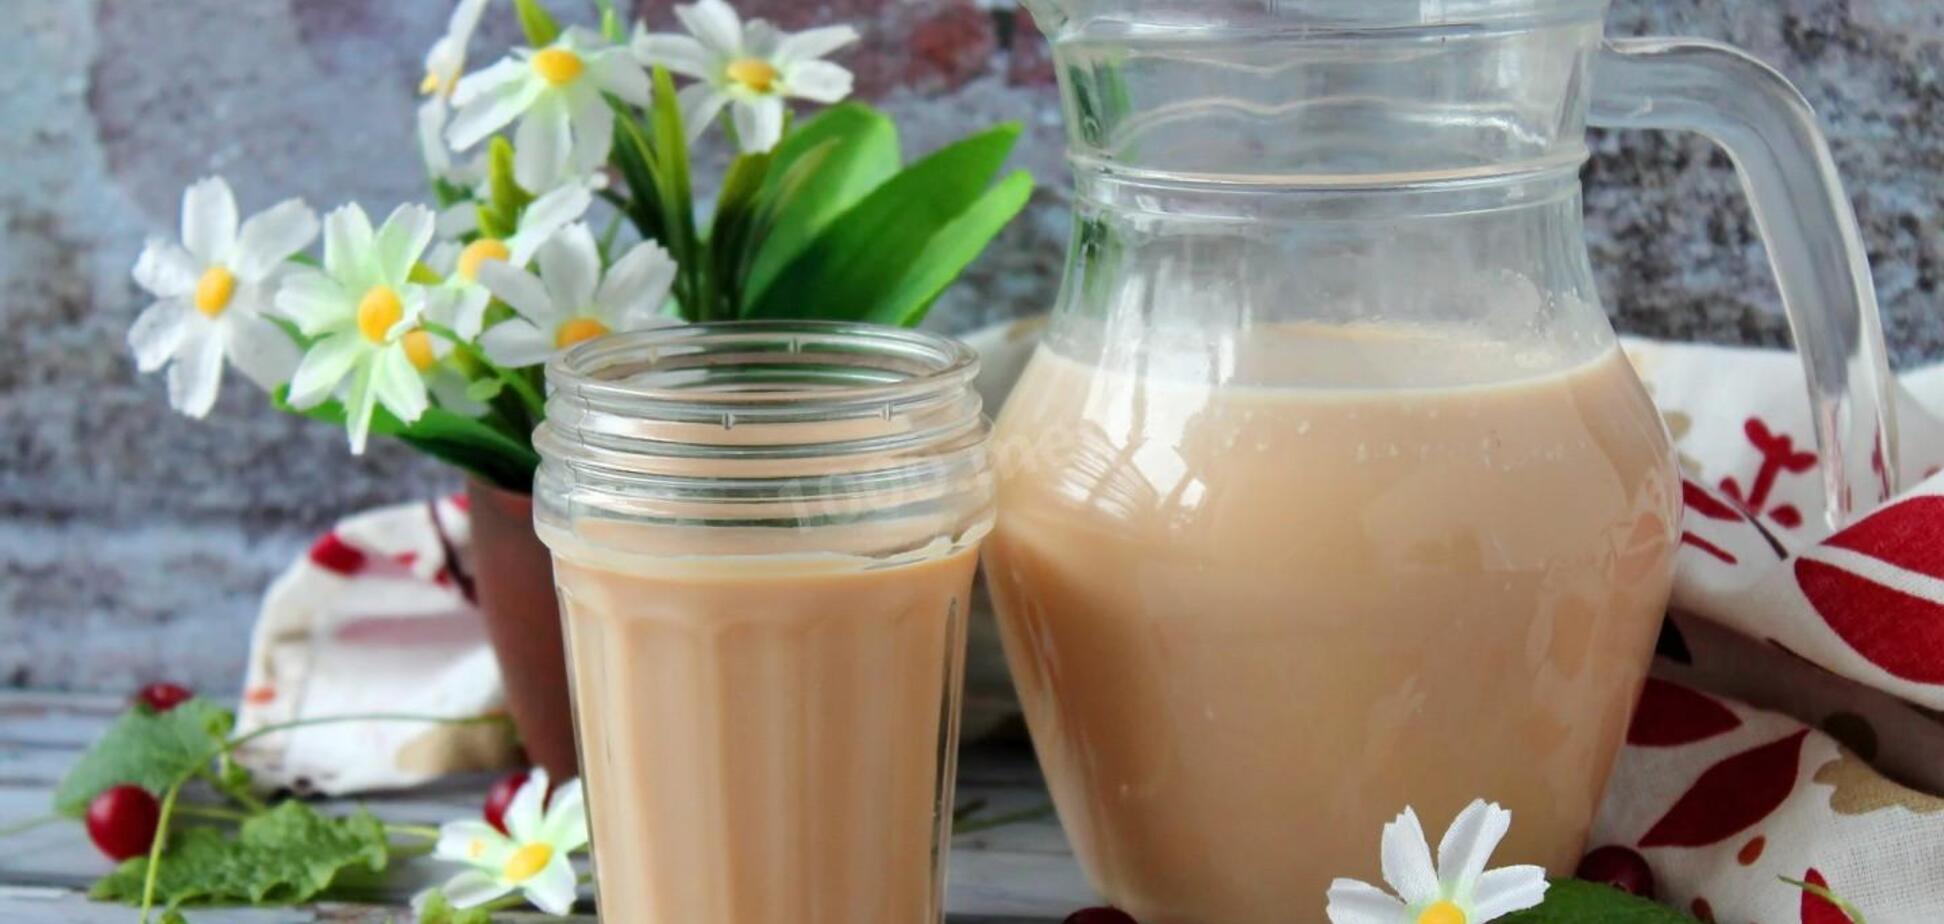 Топленое молоко и ряжанка в домашних условиях: рецепт